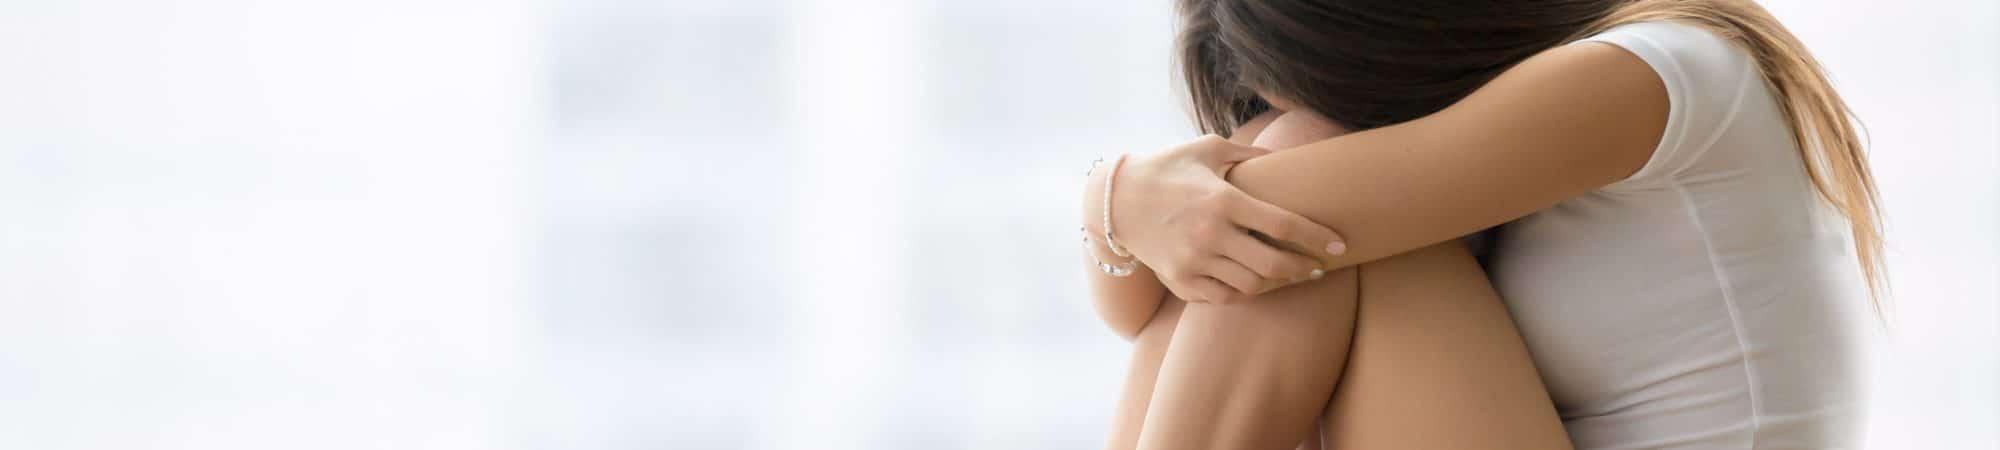 Aborto. Imagem: Shutterstock